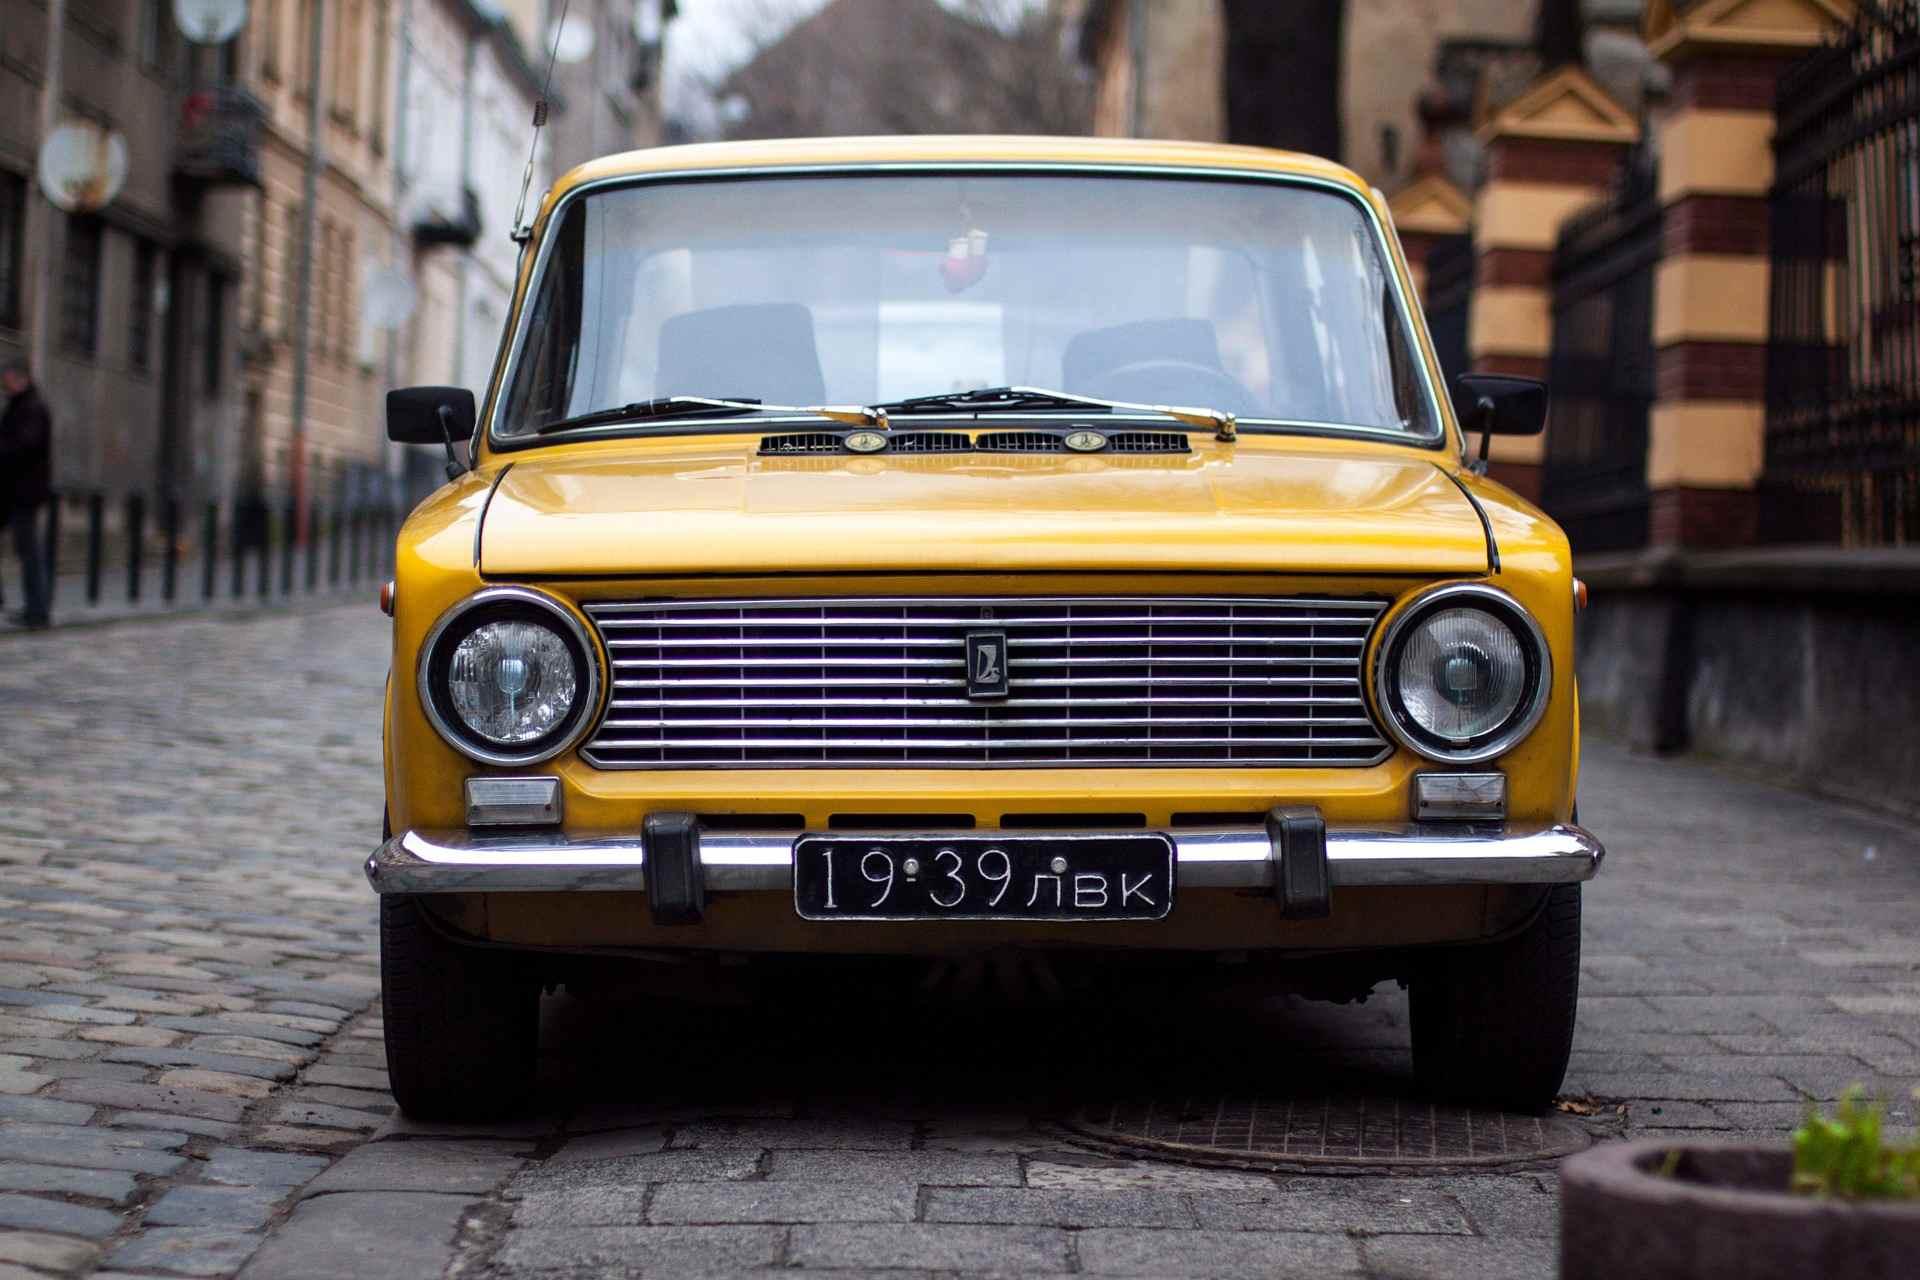 В МВД России предложили ввести новые штрафы для владельцев подержанных машин